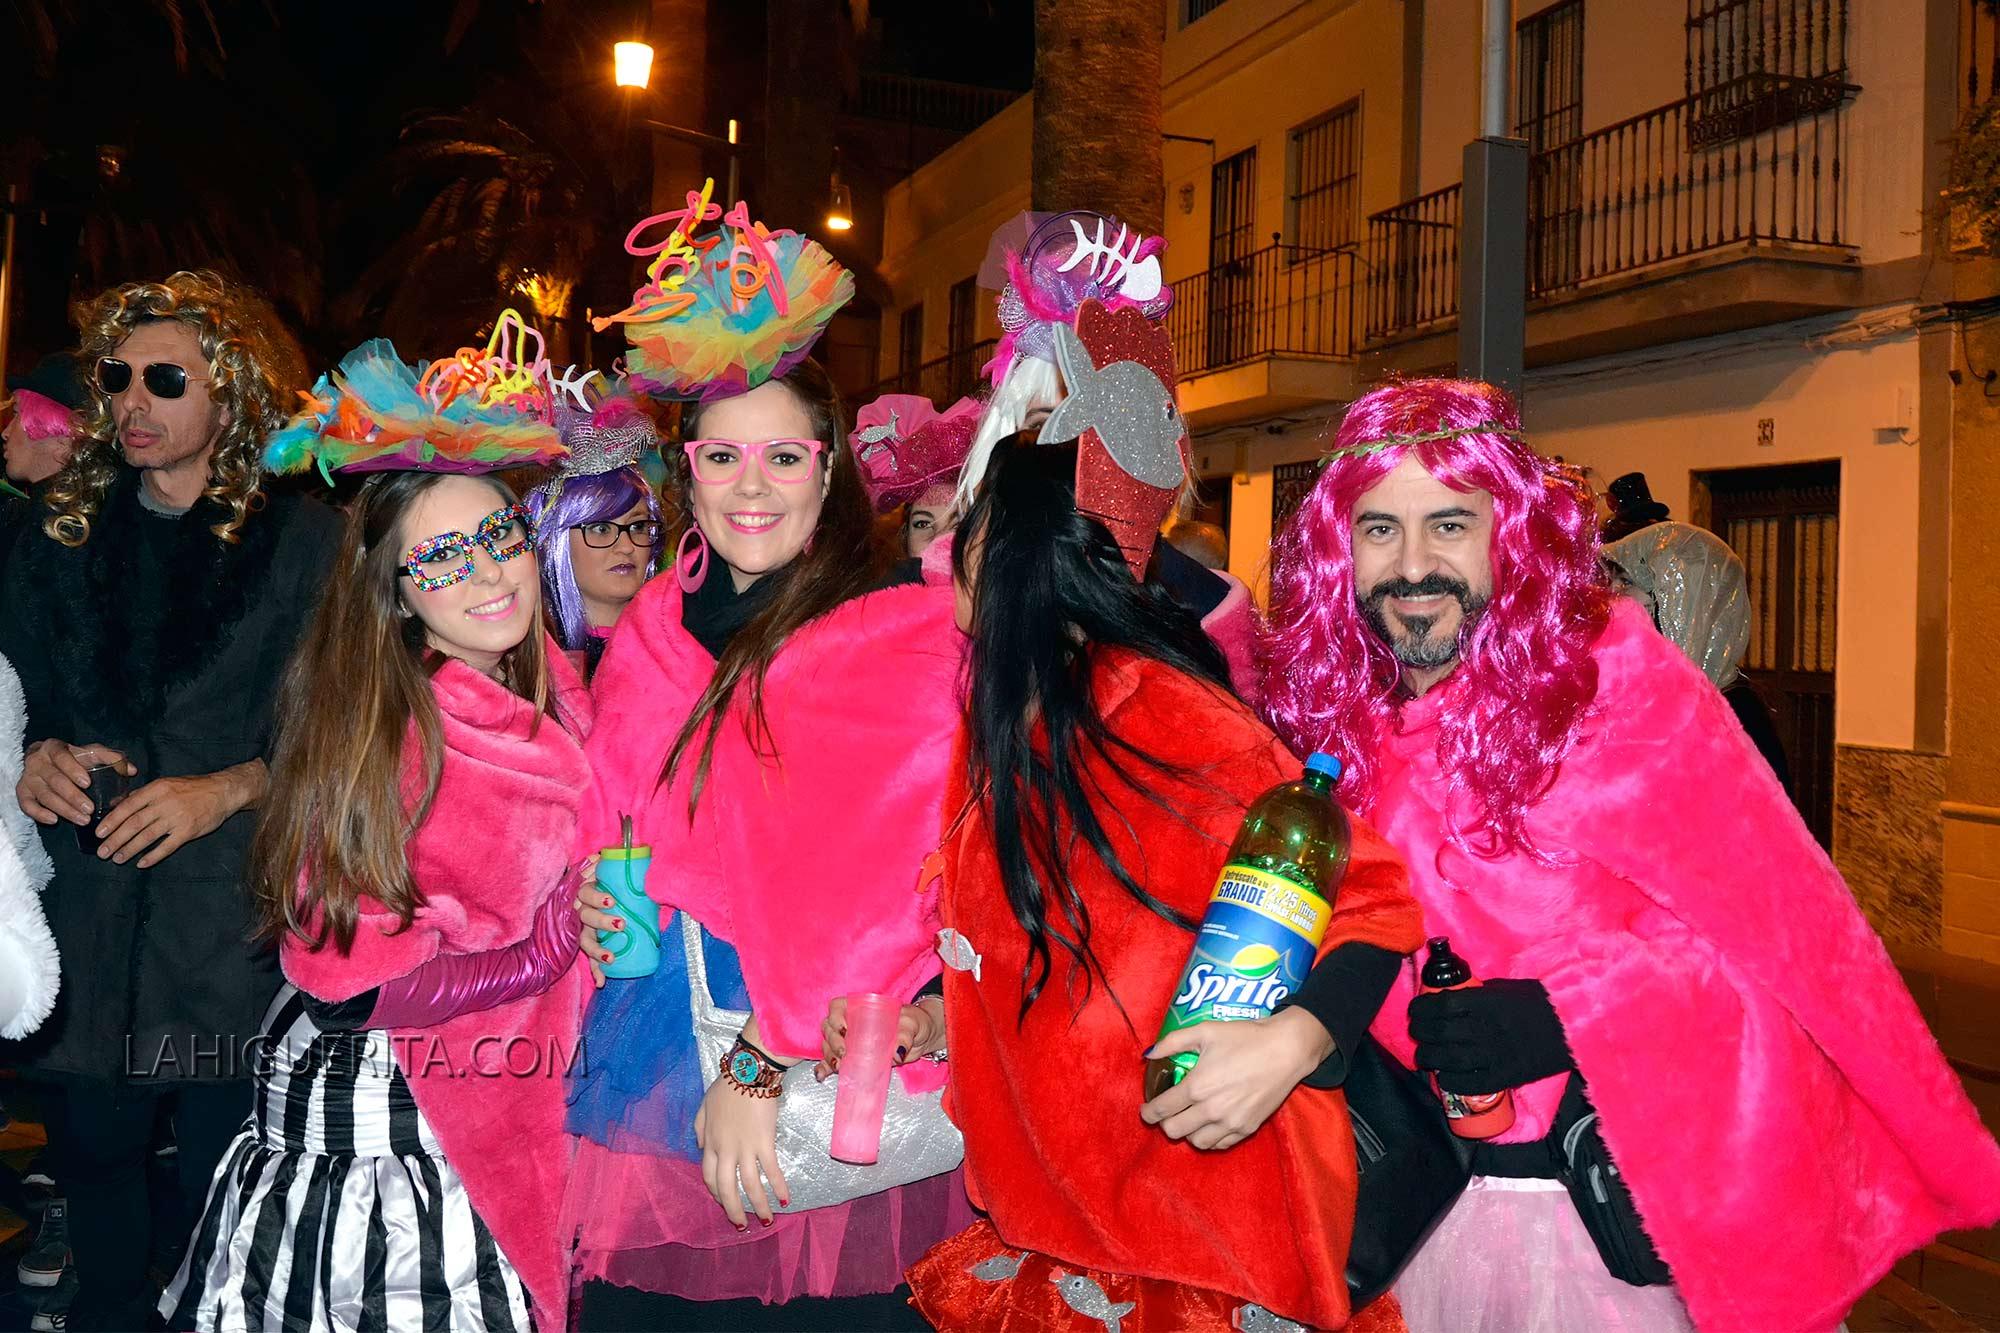 Entierro de la sardina carnaval isla cristina _DSC2146